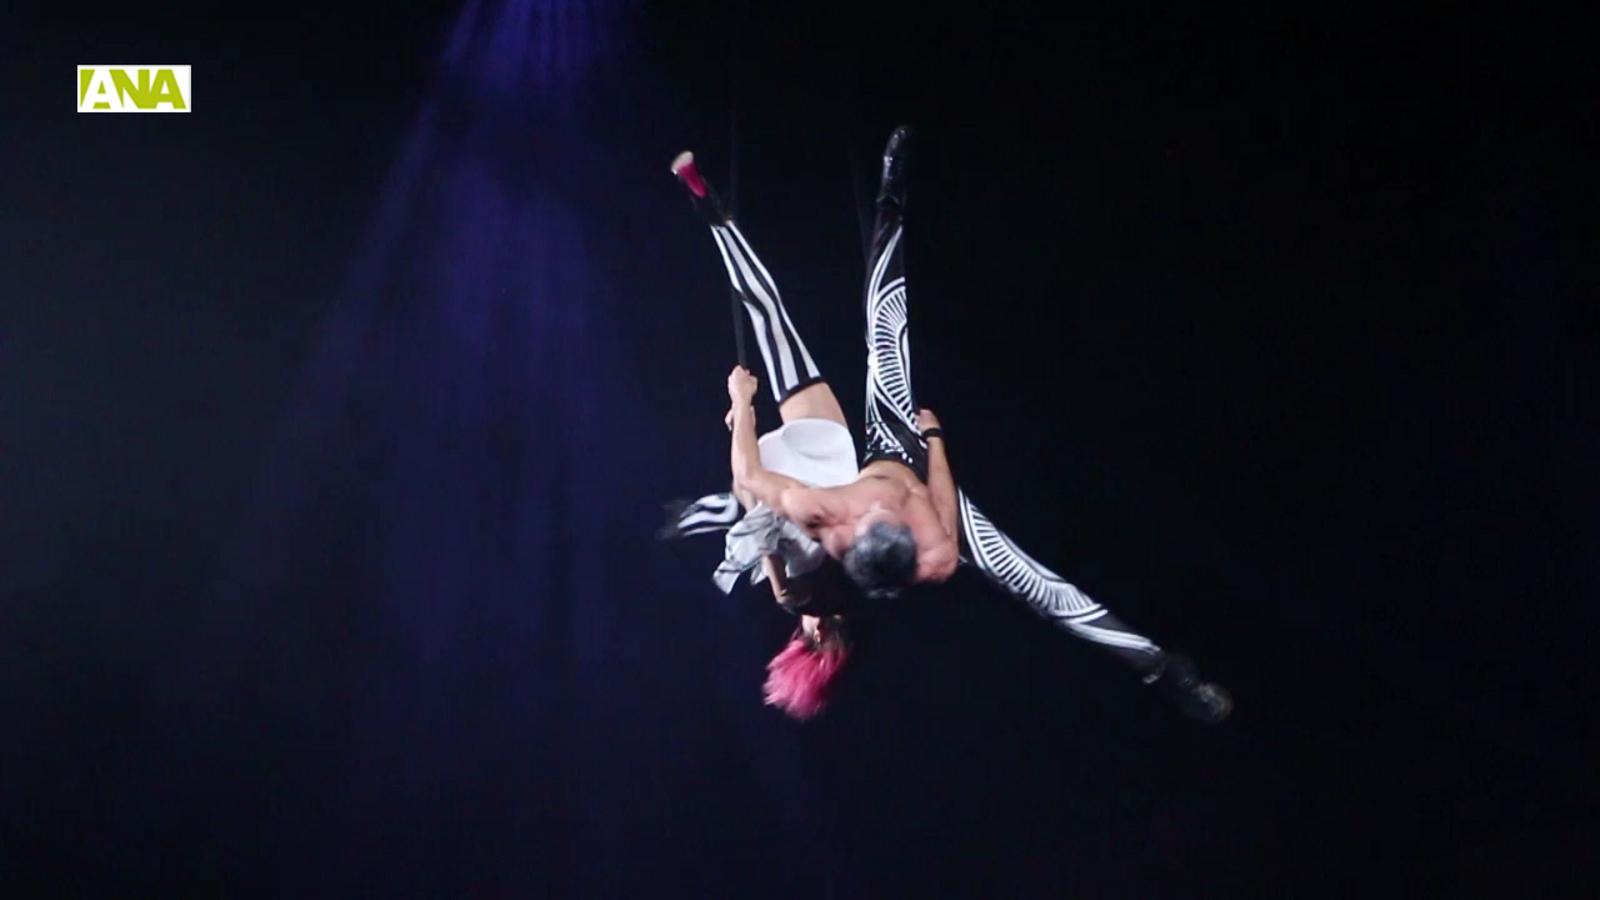 Estrena del nou espectacle del Cirque du Soleil / M. T. (ANA)